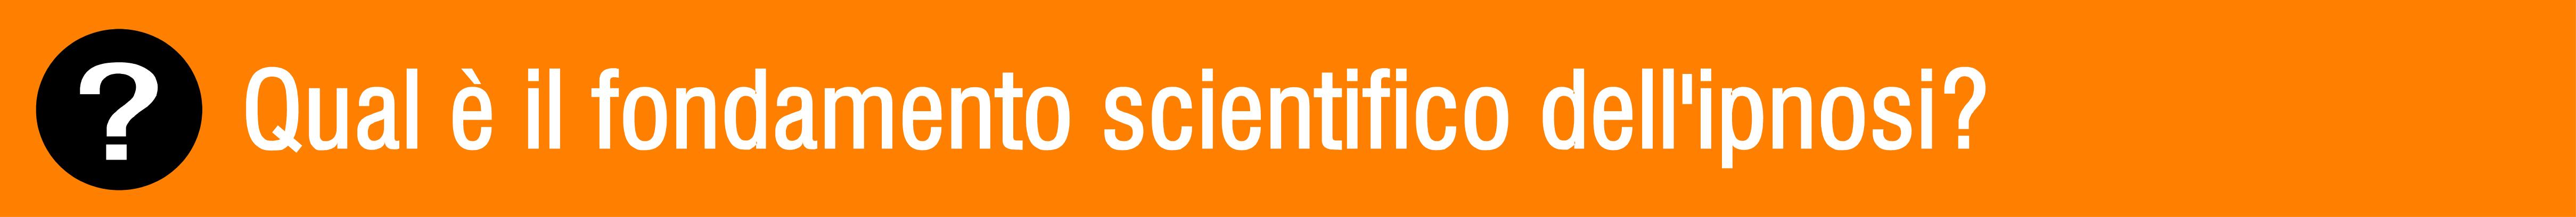 FONDAMENTO SCIENTIFICO